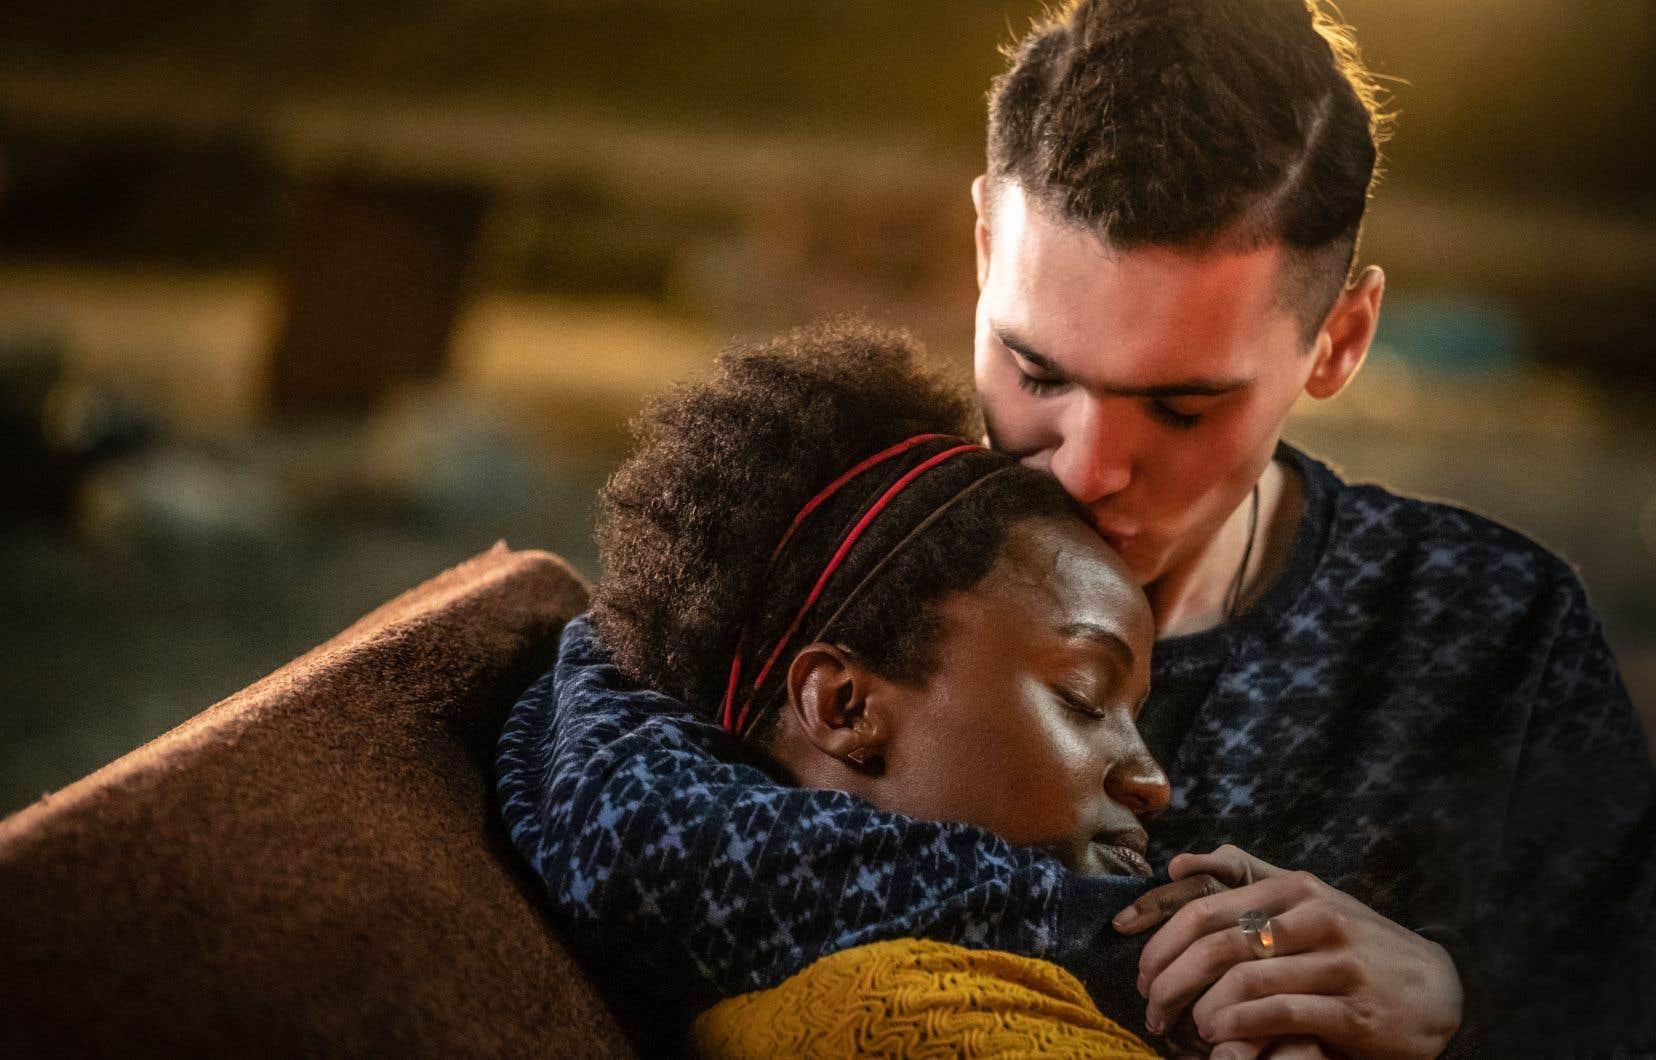 L'histoire suit les amours contrariées de Callum et Sephy.